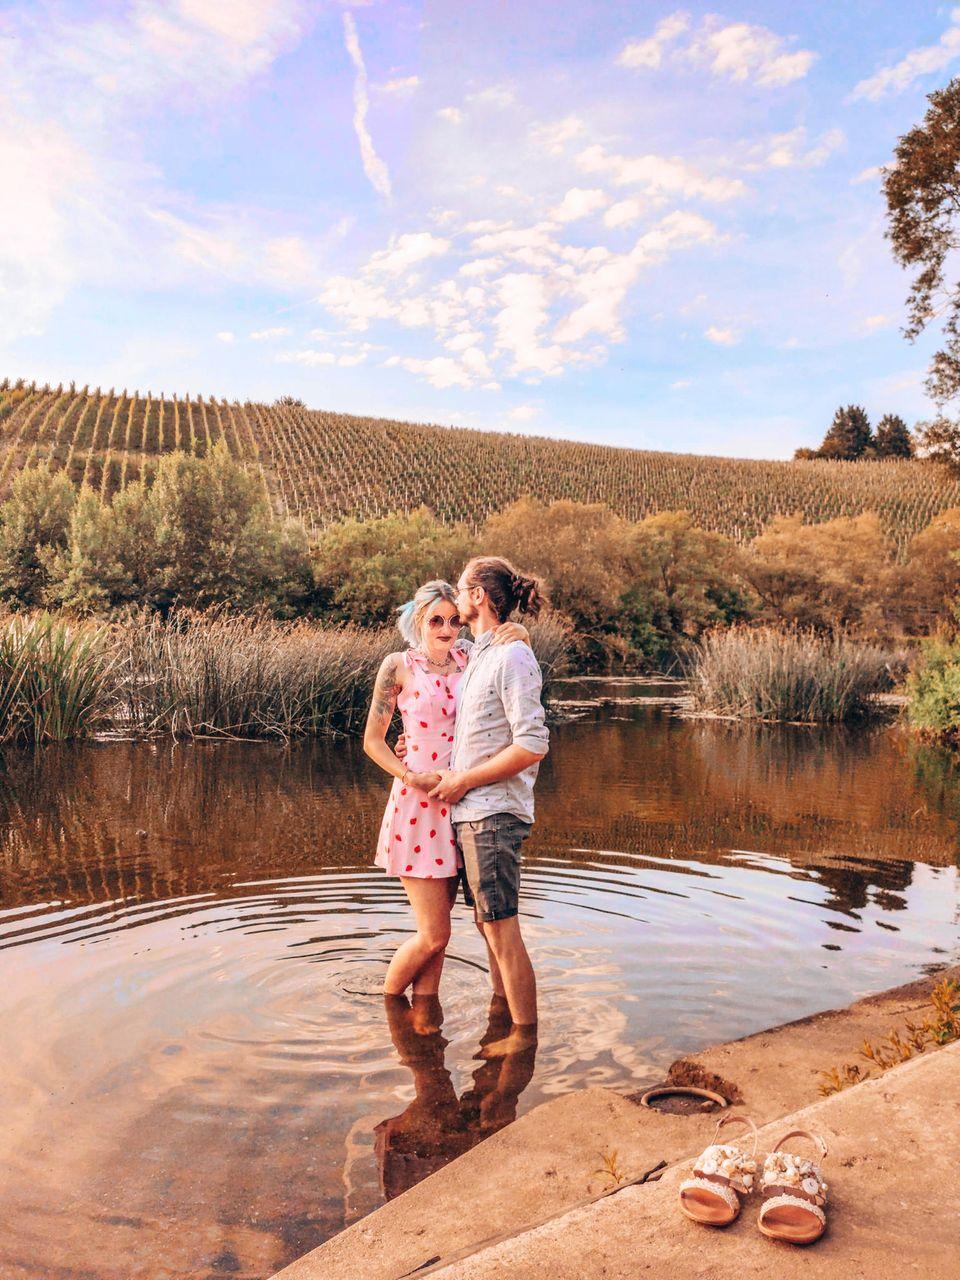 Jana und Marvin stehen im Wasser